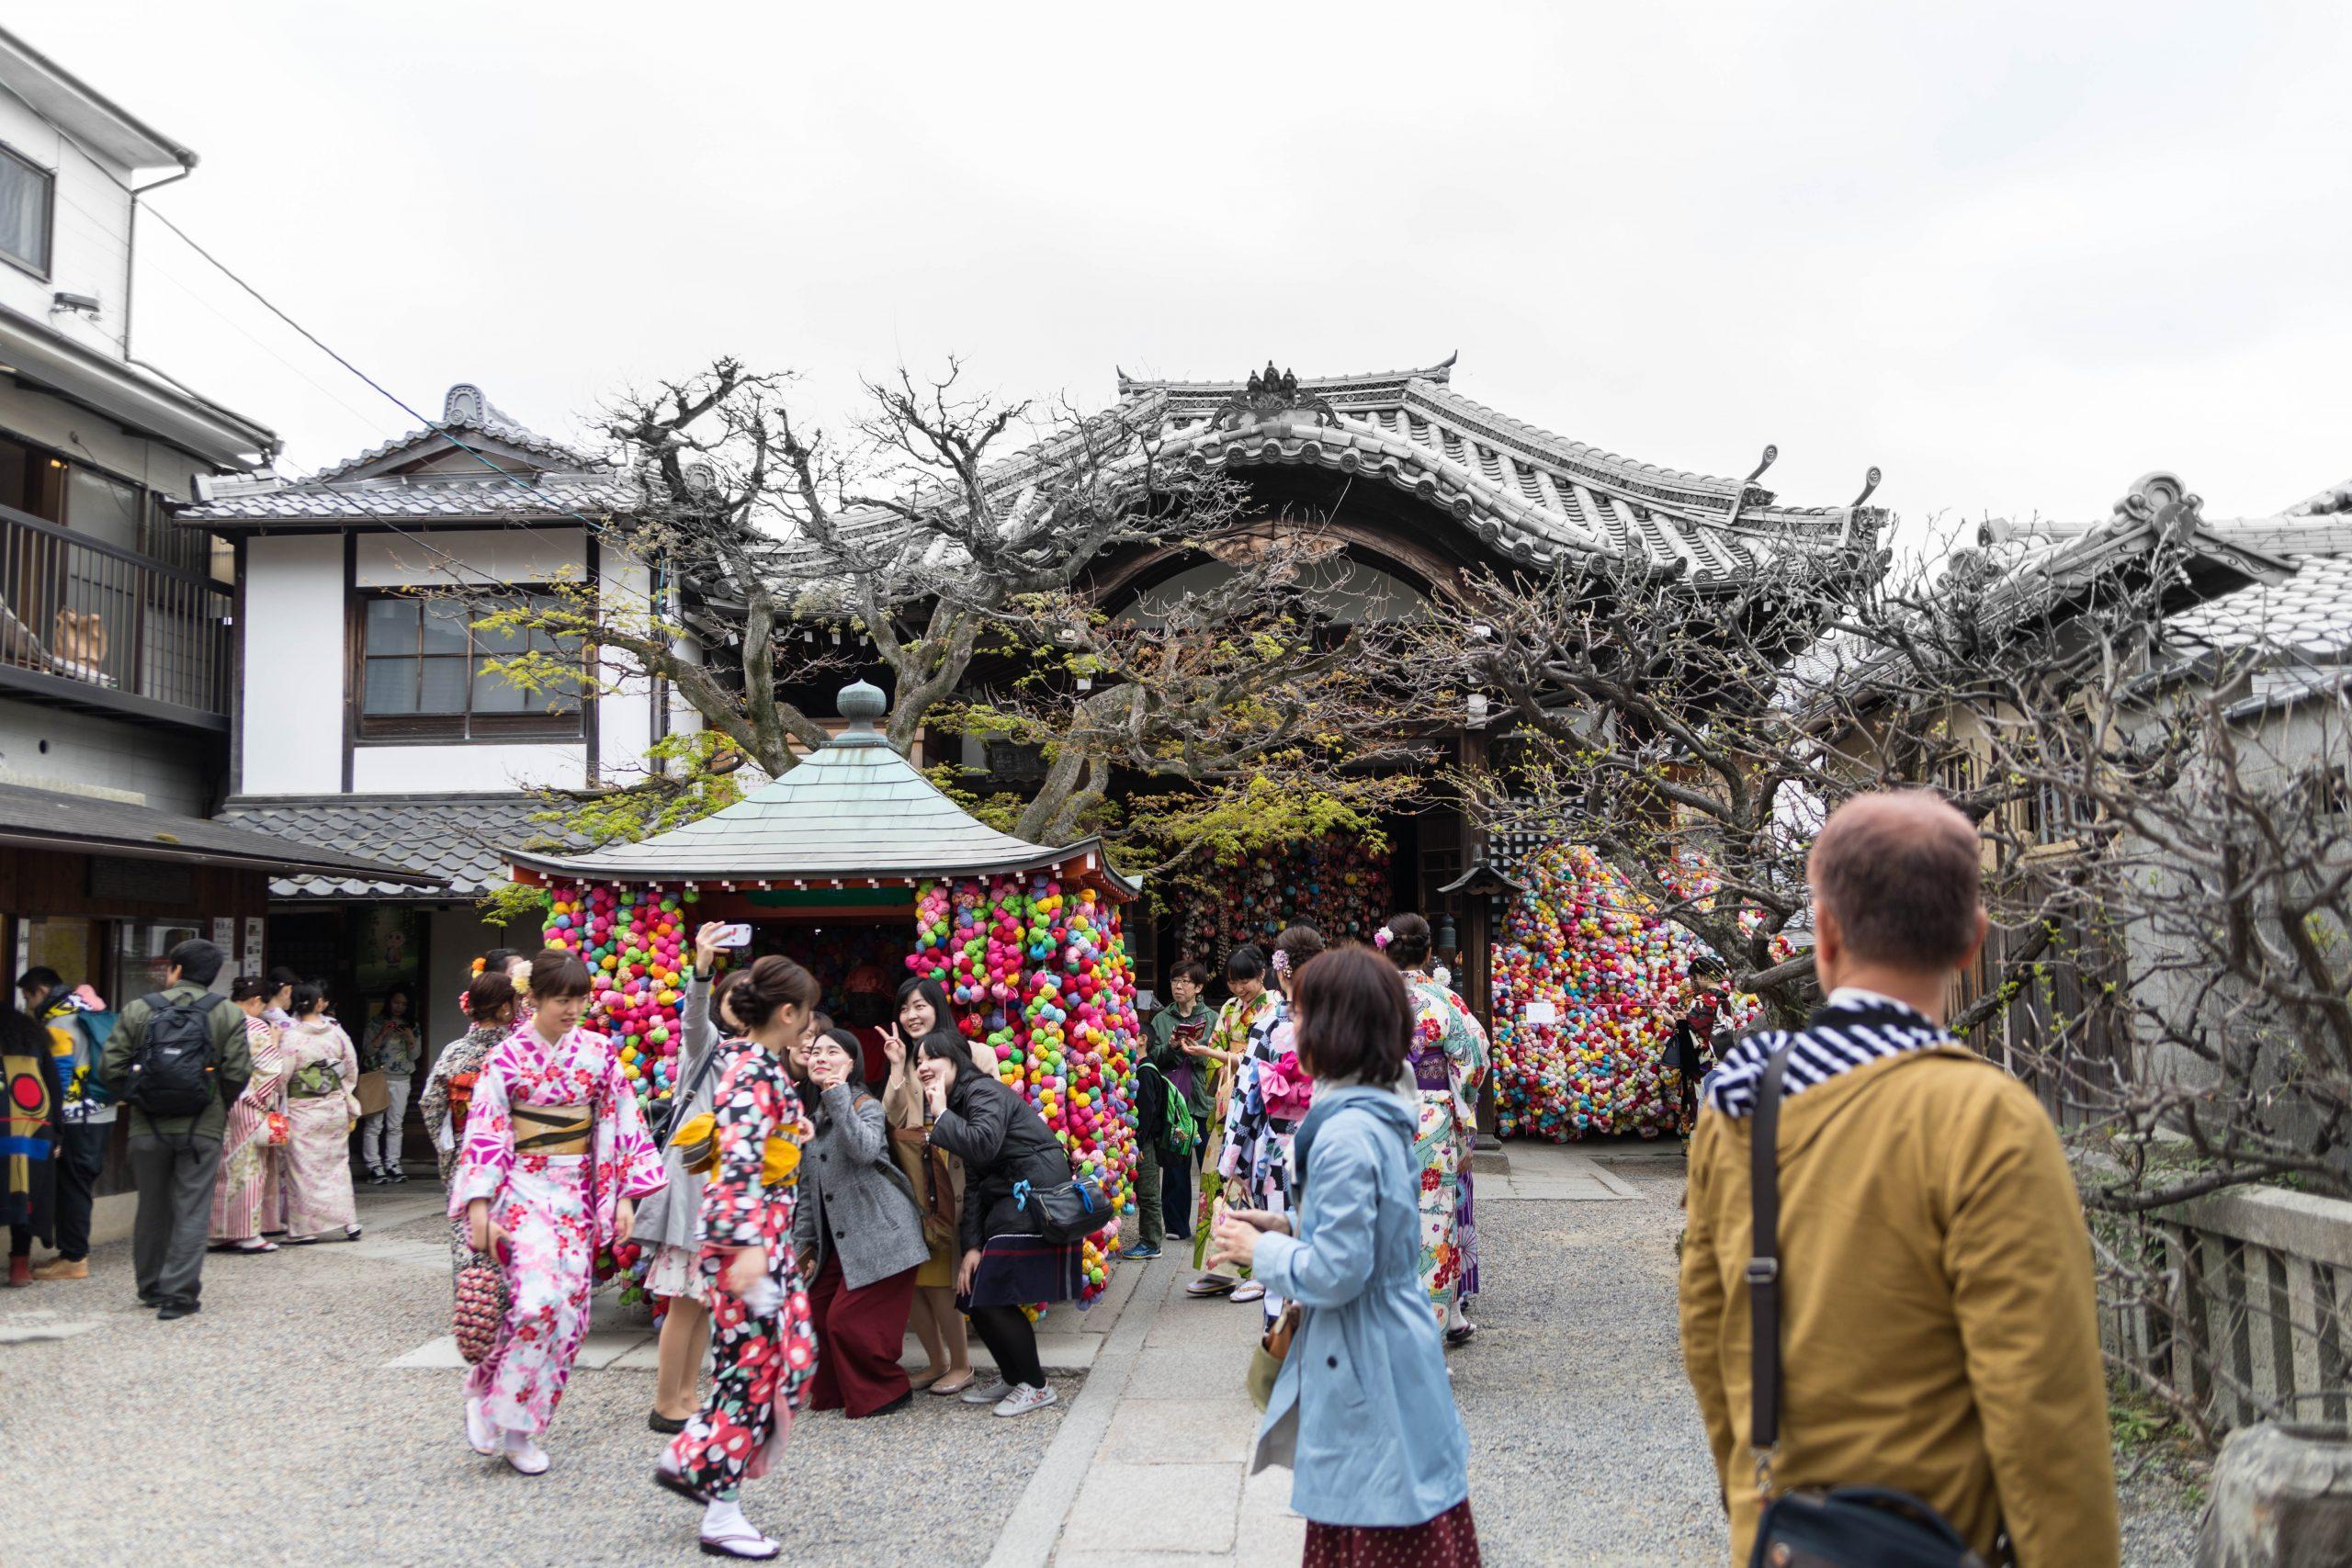 Yasaka Koshin-Do (Daikoku-san Kongo-ji Koshin-Do) Colorful Ball Kyoto Japan Love and Wishmaking Shrine in Higashiyama near Kiyomizu Dera Temple Kyoto, Japan Travel Guide by Annie Fairfax